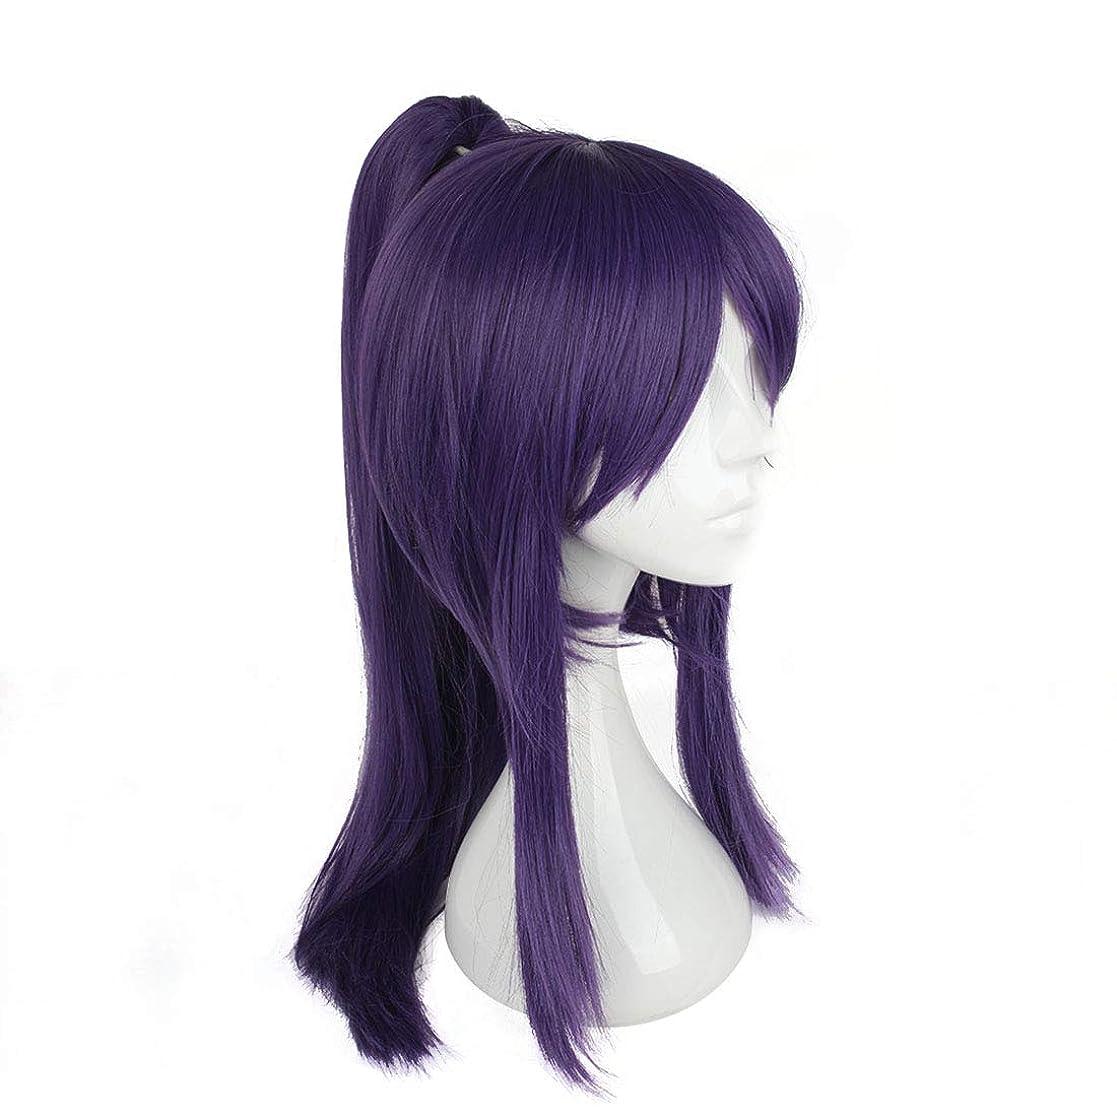 トレース共和党物語BOBIDYEE 日本の侍服かつらコスプレウィッグ紫髪前髪長い髪用相馬神崎コンポジットヘアレースかつらロールプレイングかつら (色 : 紫の)